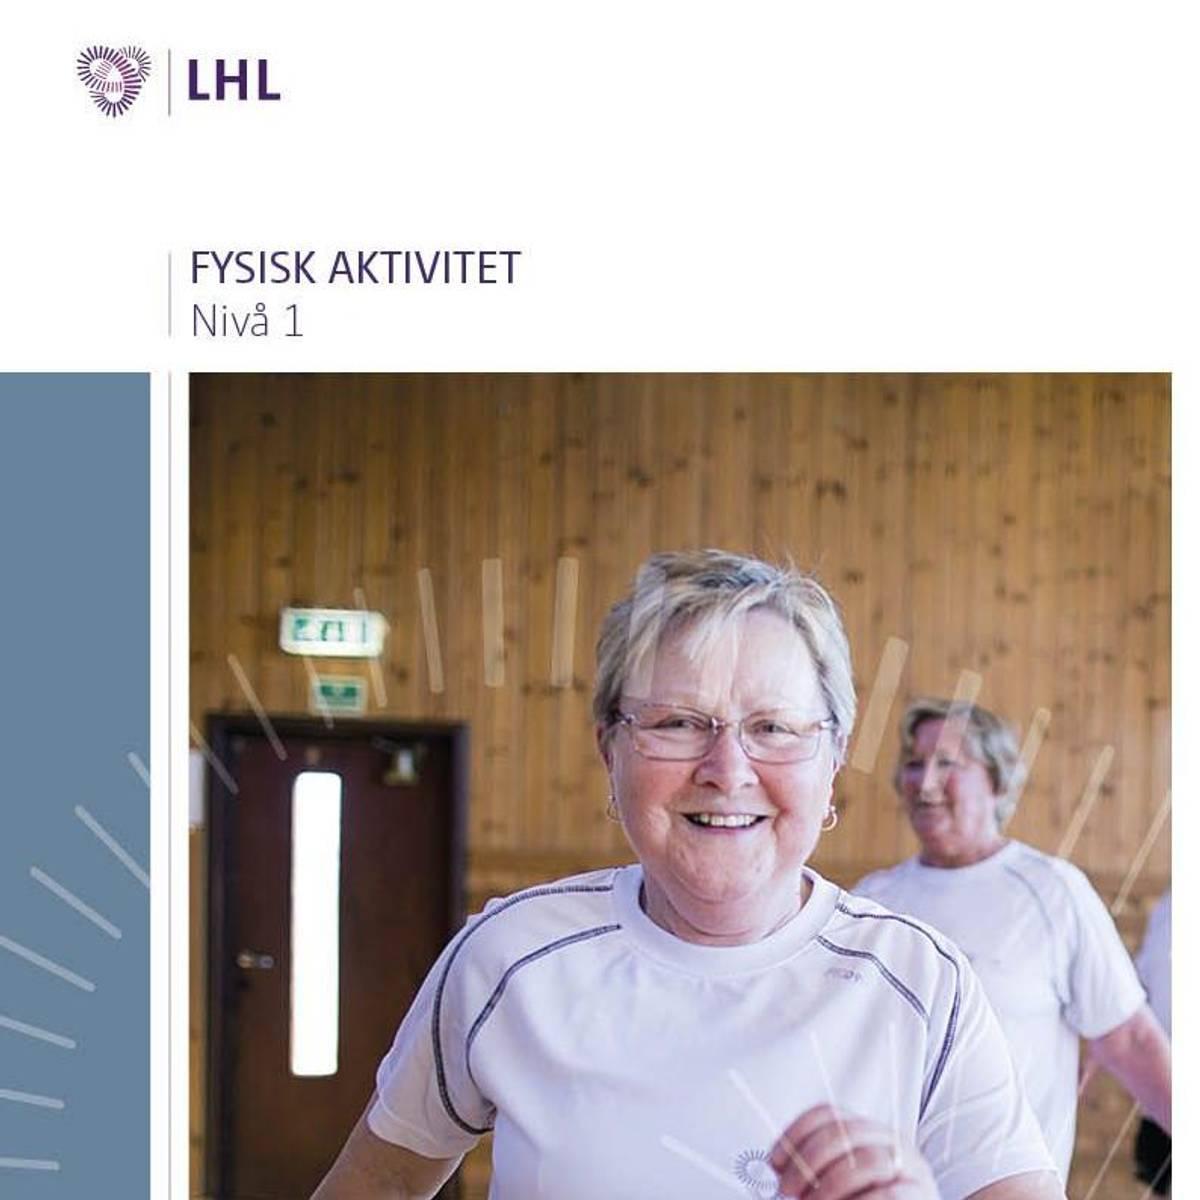 Fysisk aktivitet nivå 1 2016